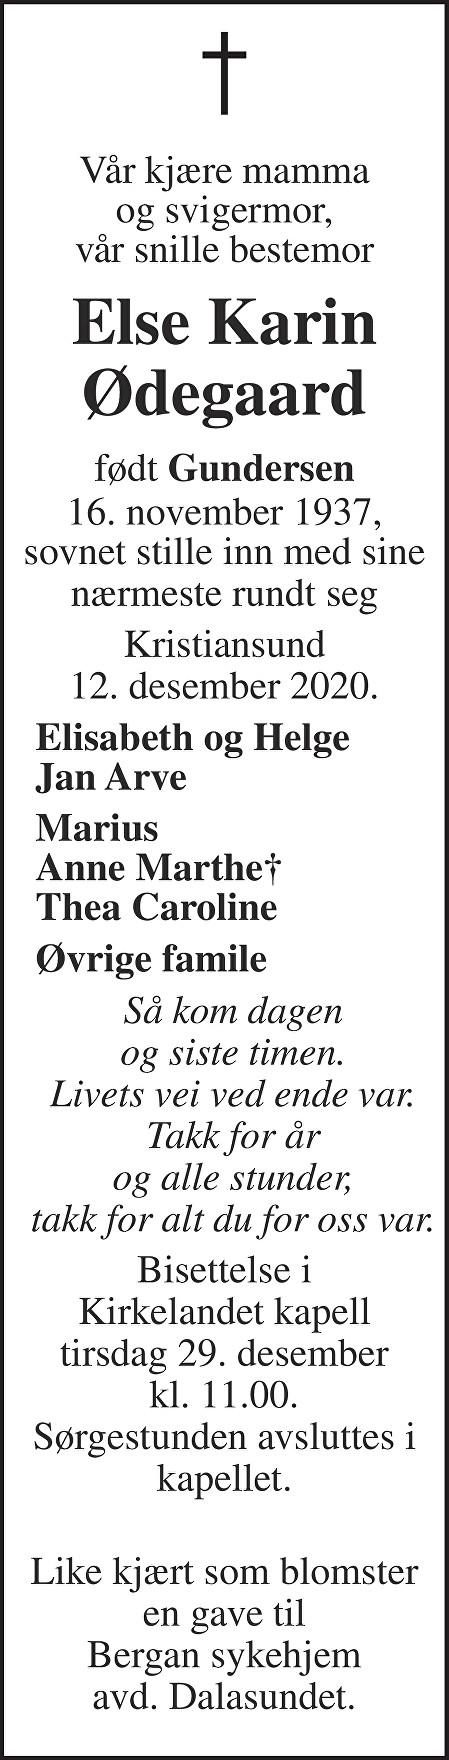 Else Karin Ødegaard Dødsannonse